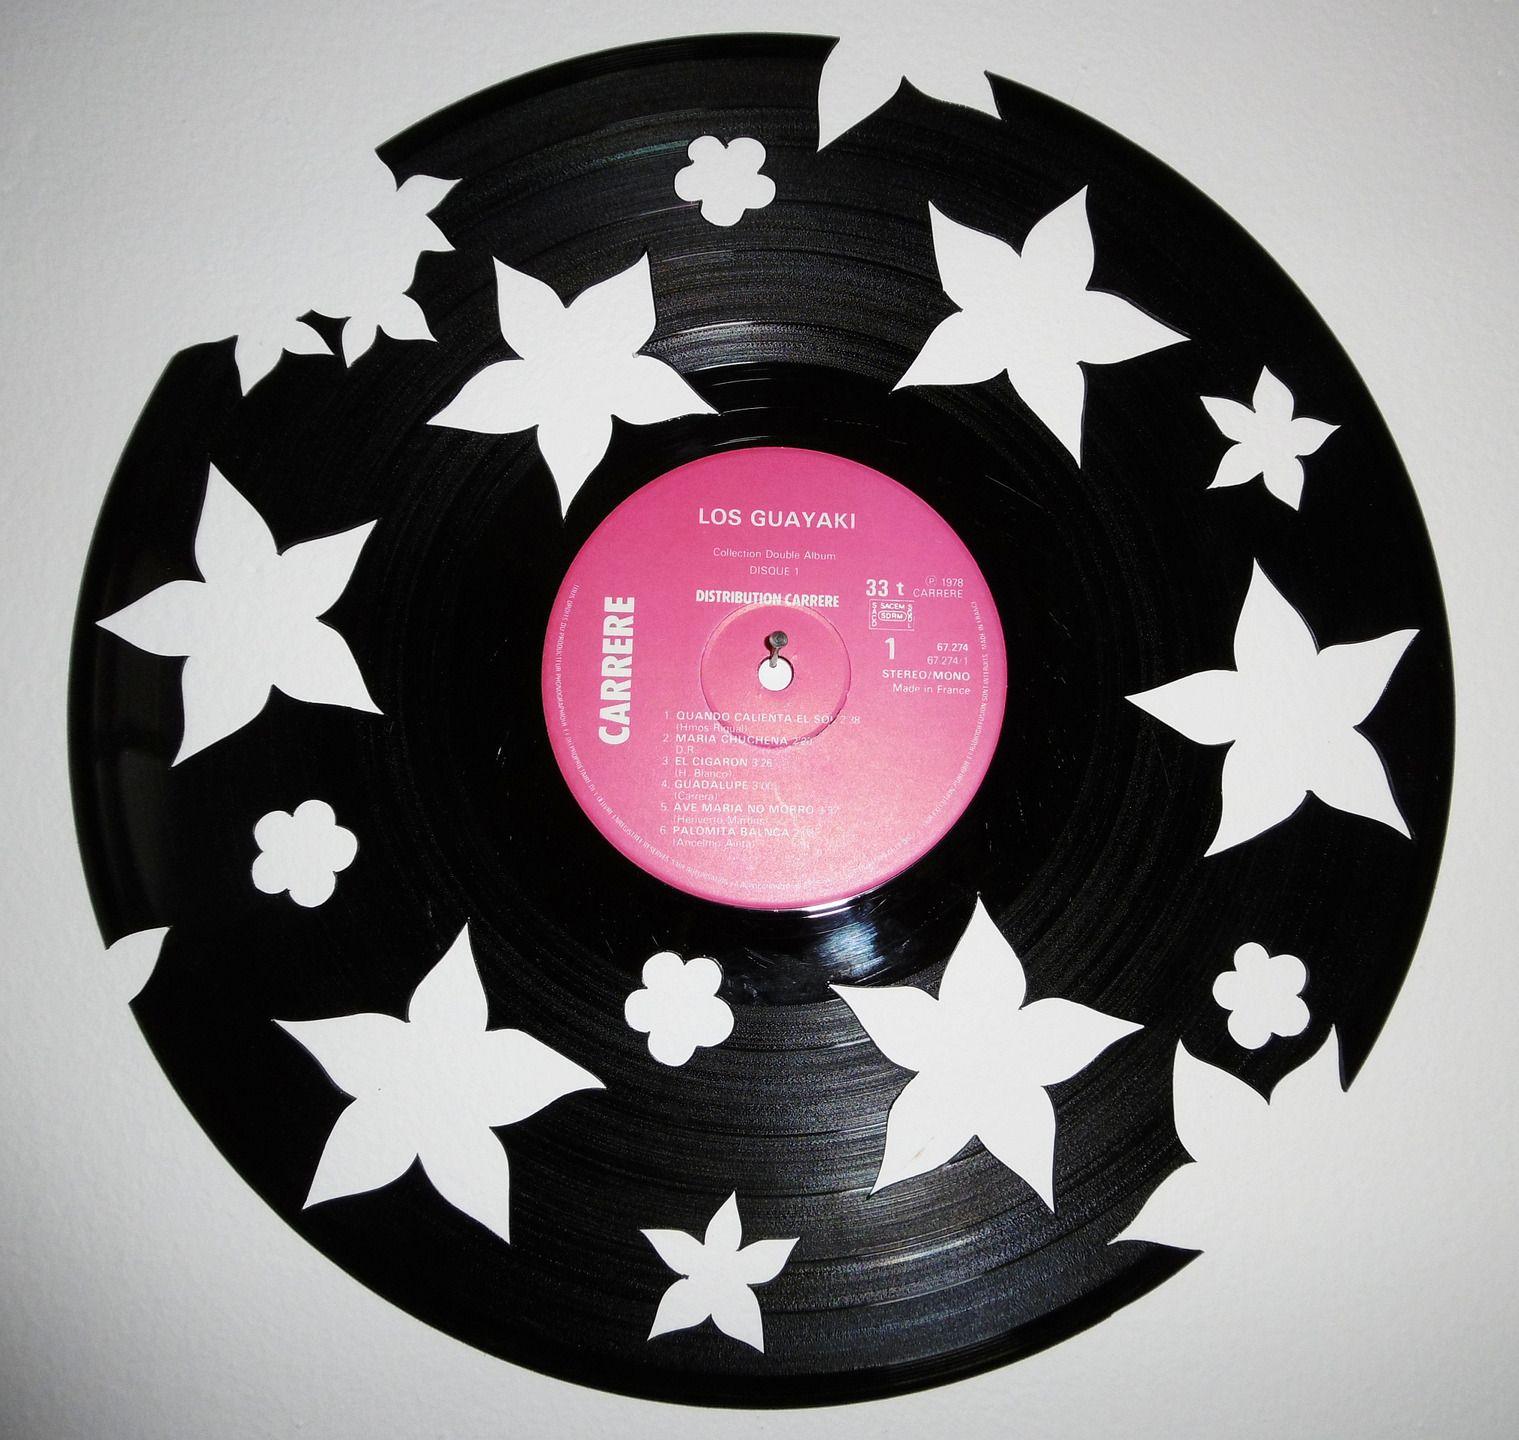 d coration murale disque vinyle 33 tours d coup la main cr ation unique et originale. Black Bedroom Furniture Sets. Home Design Ideas